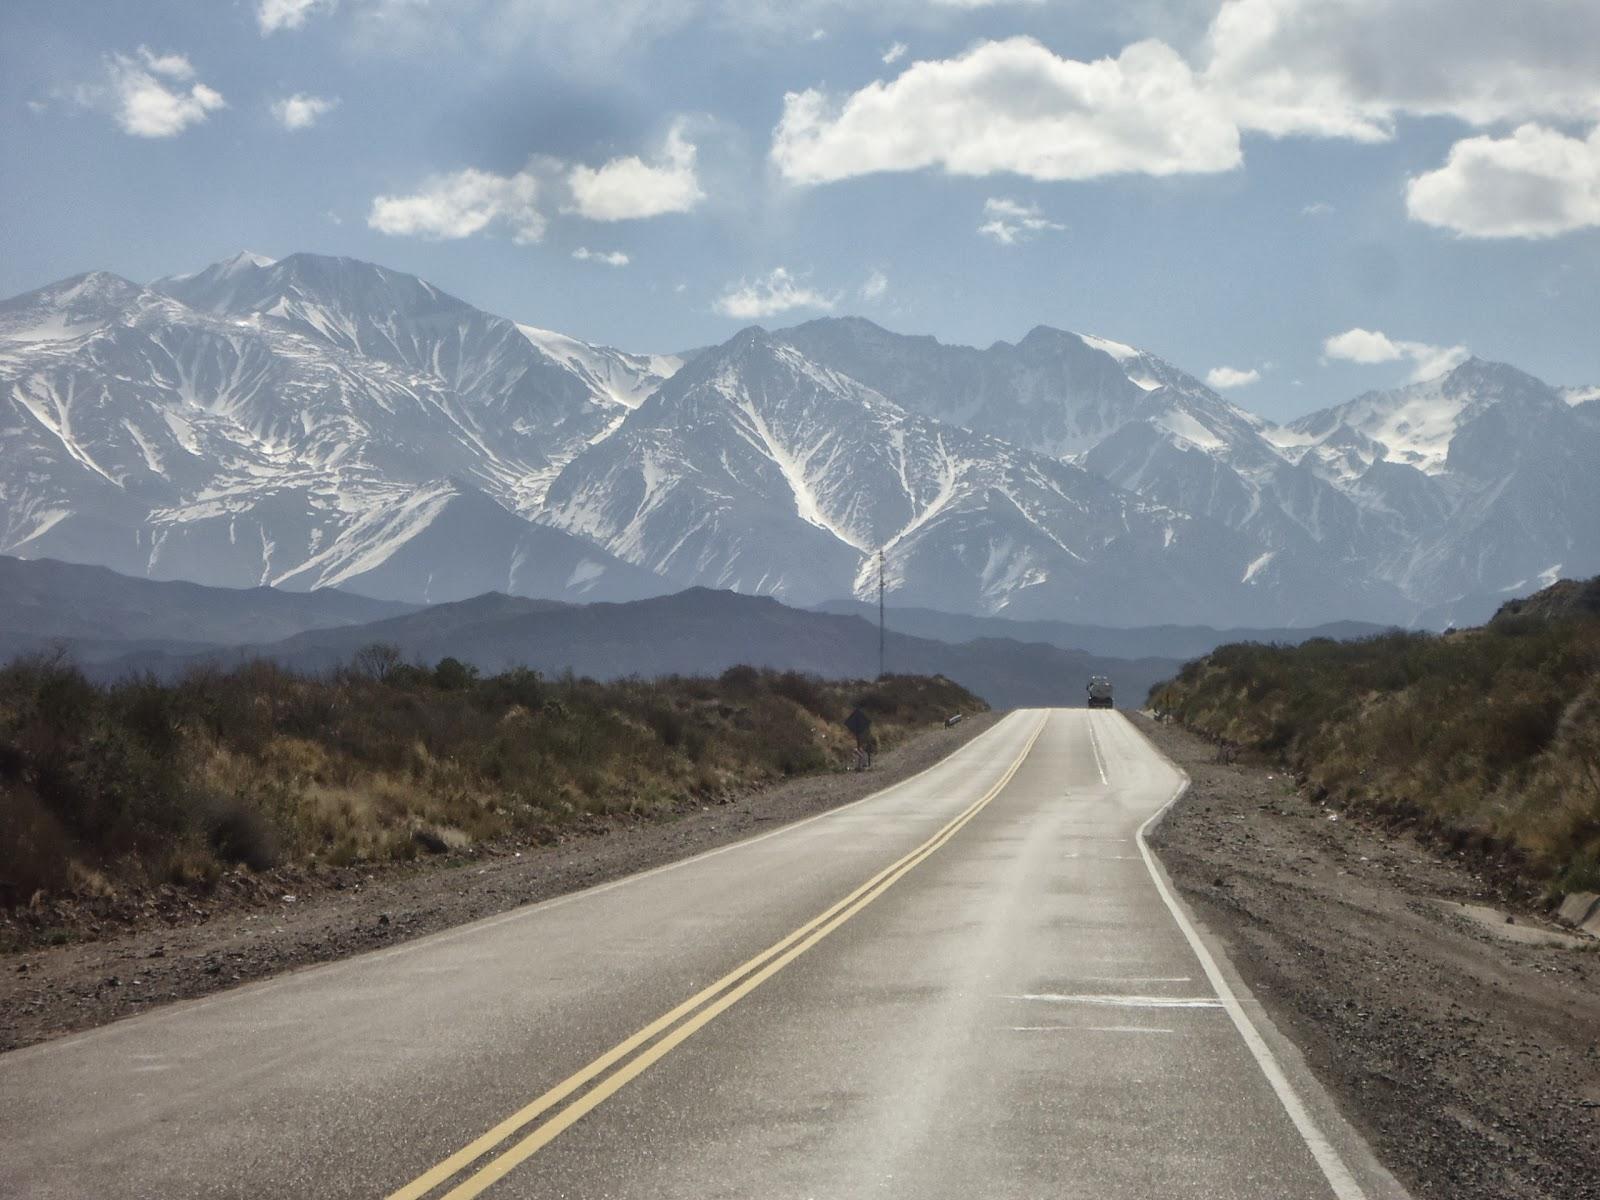 Loic Tour Du Monde à Vélo De Mendoza Argentine à Concepcion Chili